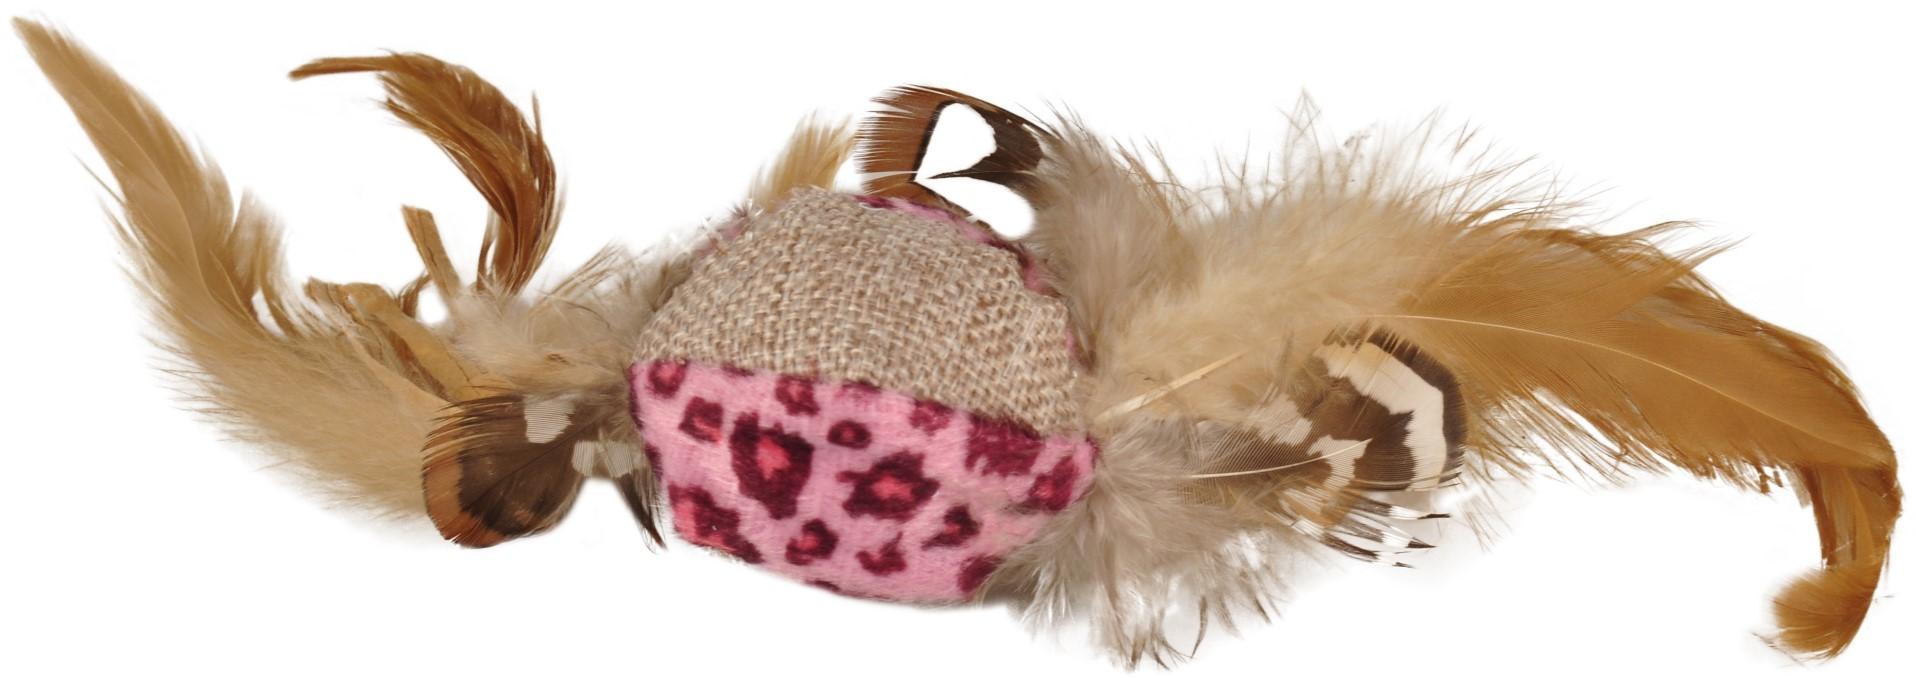 Kattenspeelgoed leopard bal met veren assorti Flamingo